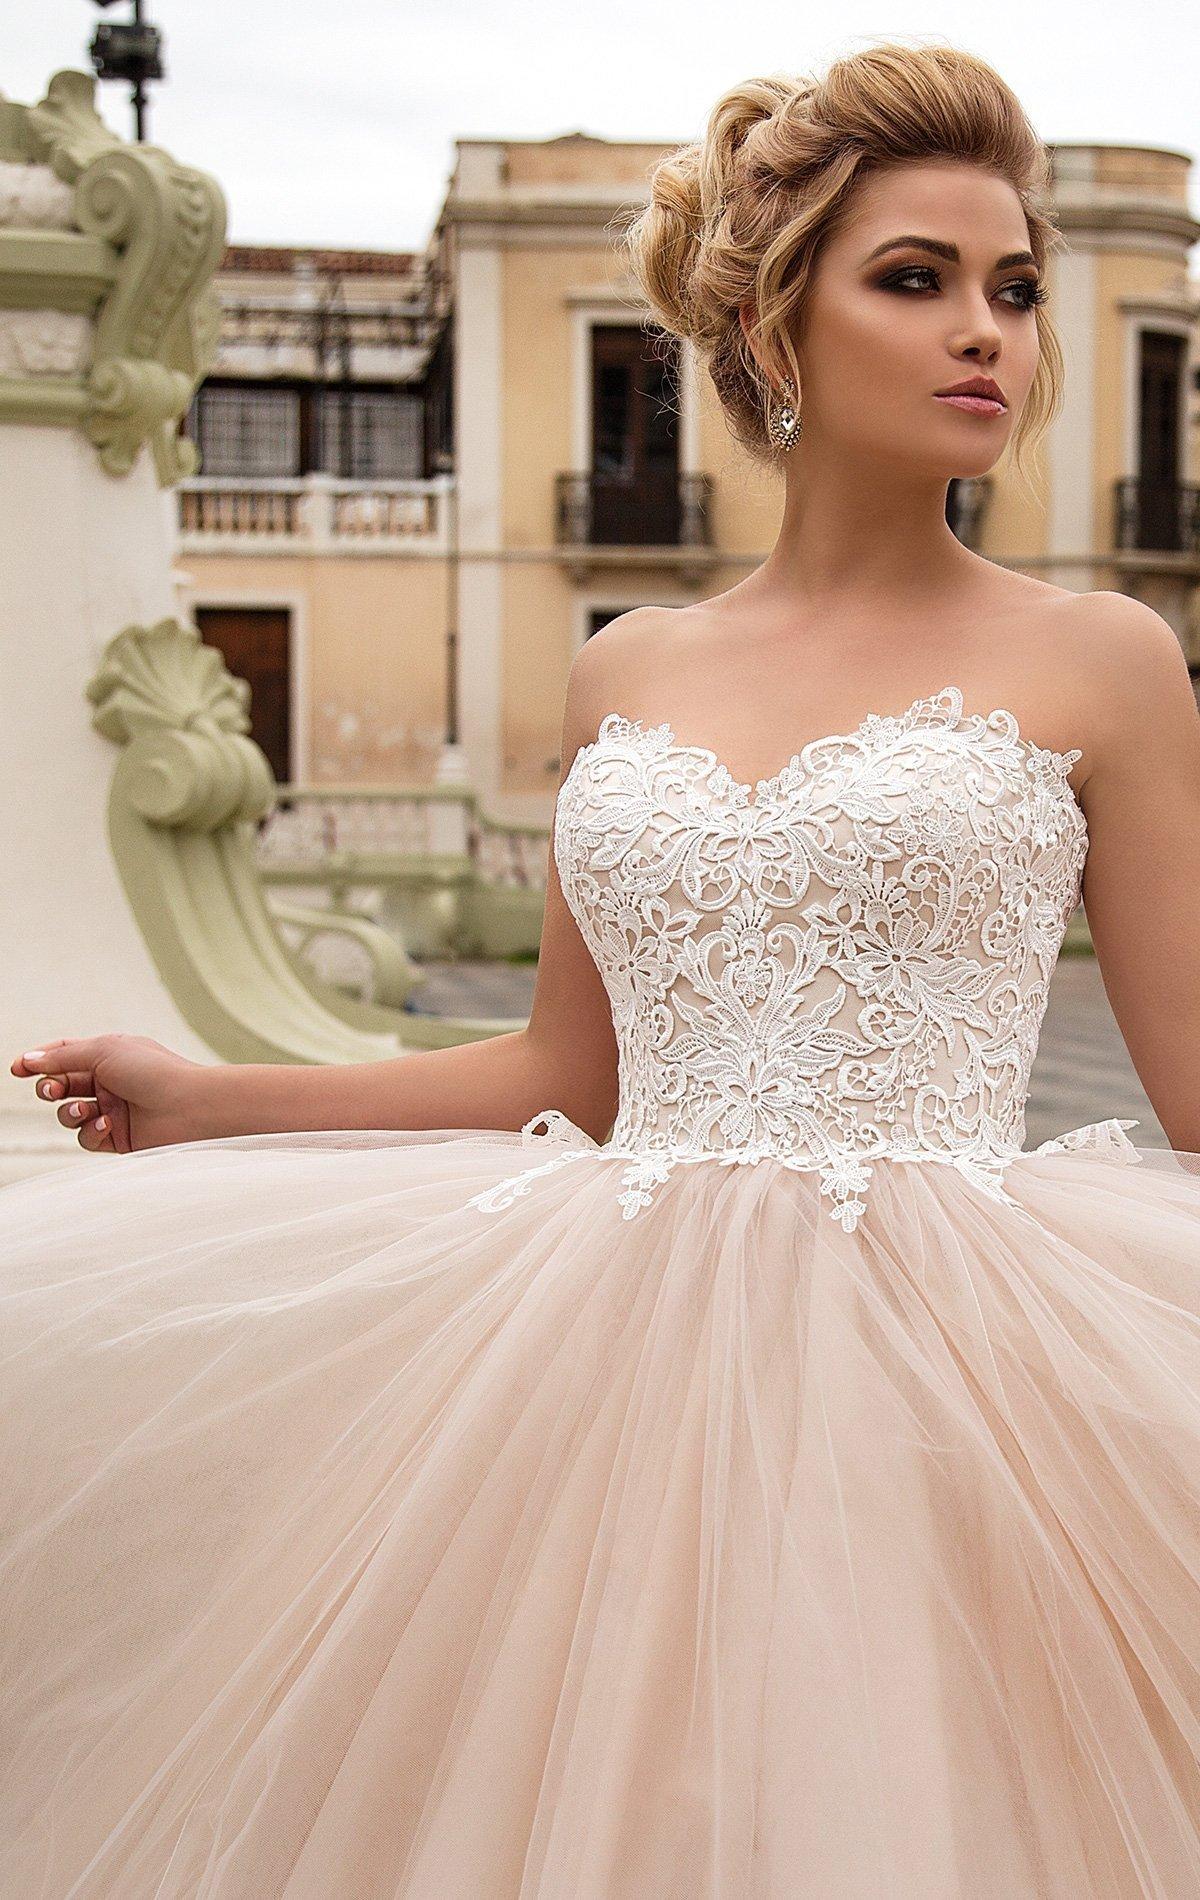 Золотистое свадебное платье с открытым кружевным корсетом и очаровательной воздушной юбкой.